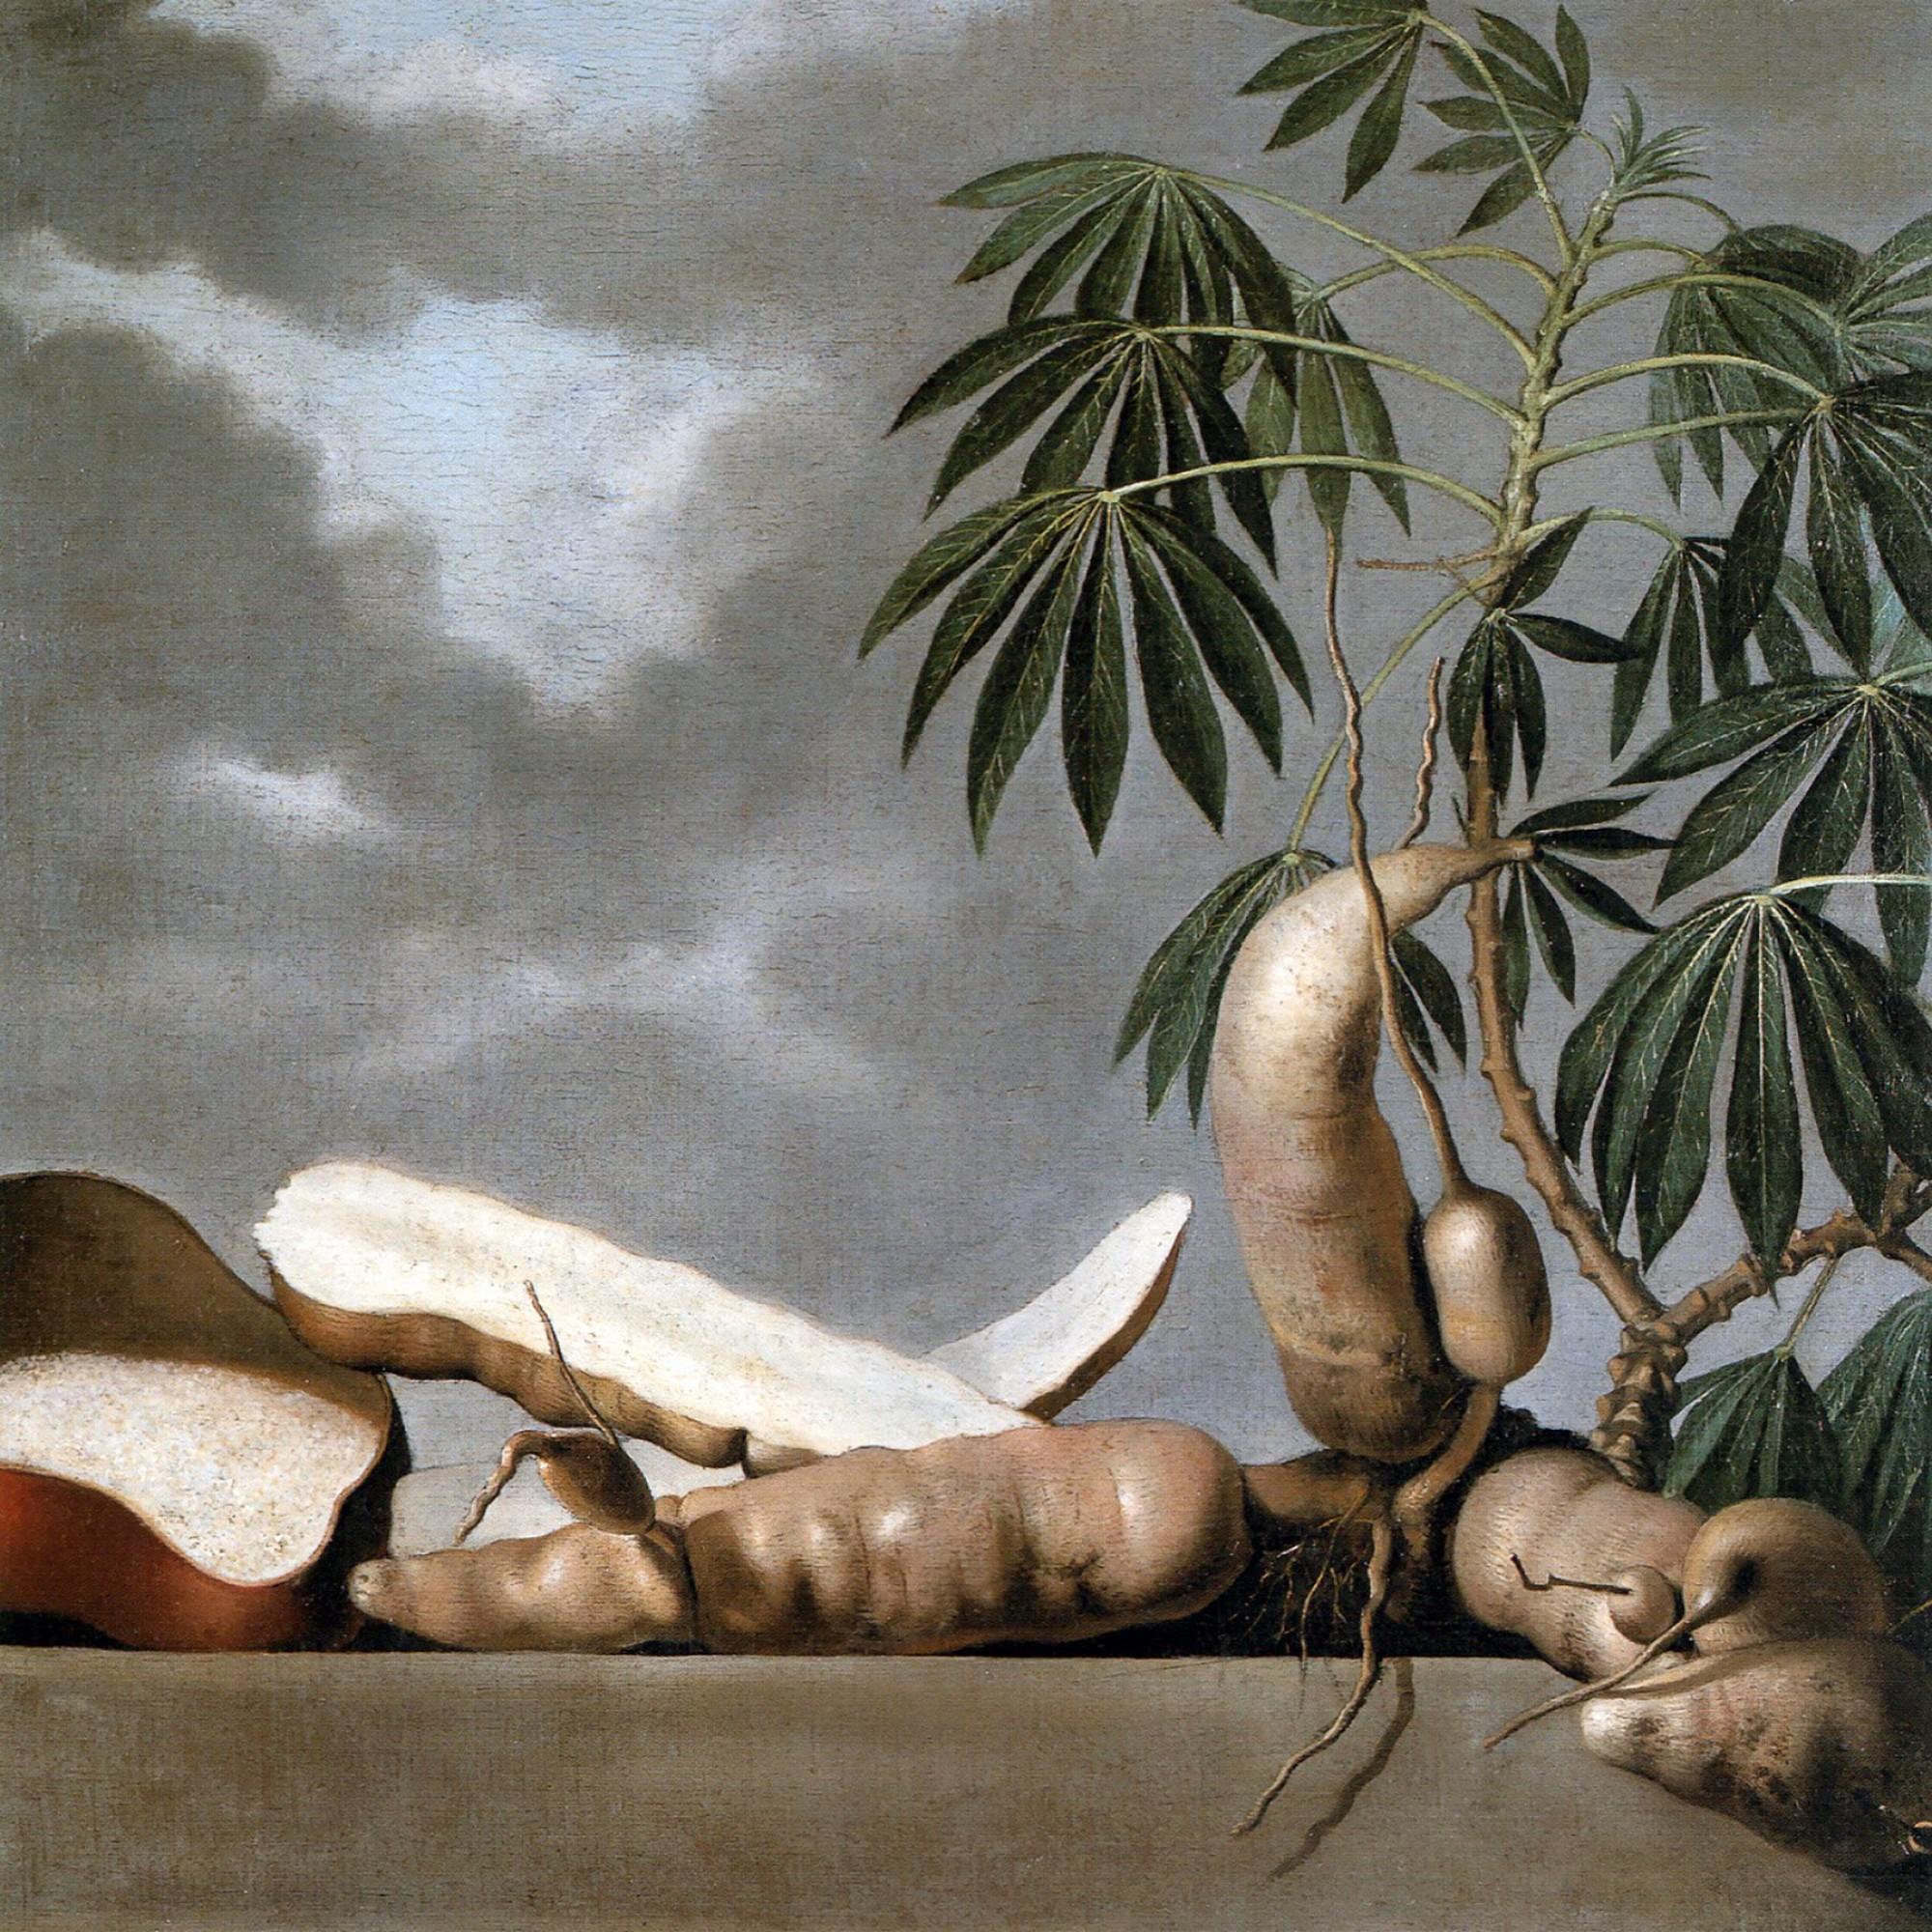 Stillleben mit Maniok-Wurzeln von Albert Eckhout.